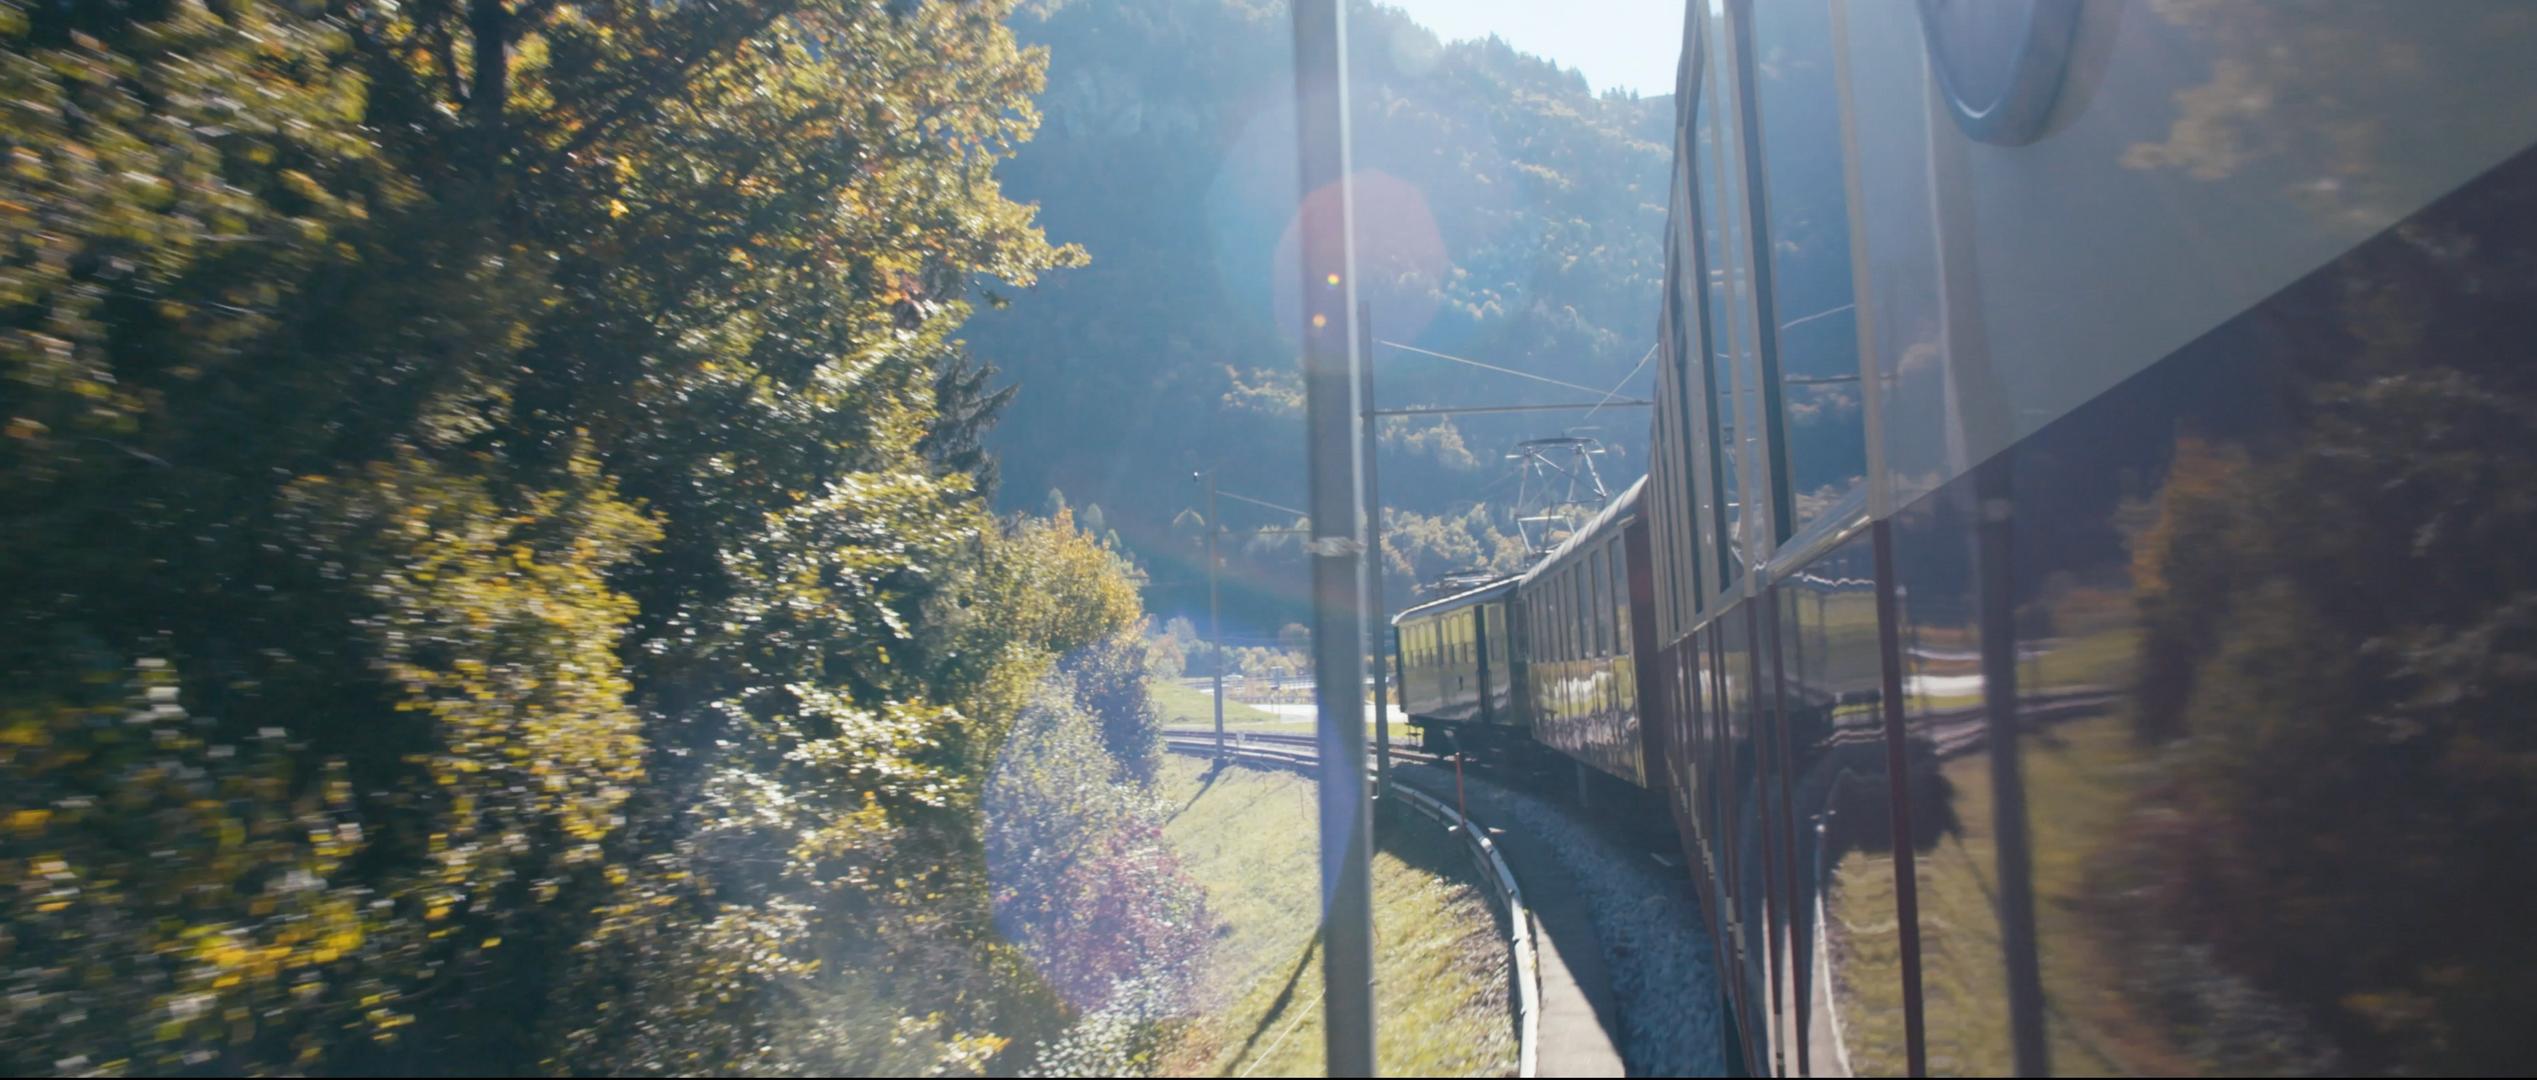 TPF - Train fondue 2018